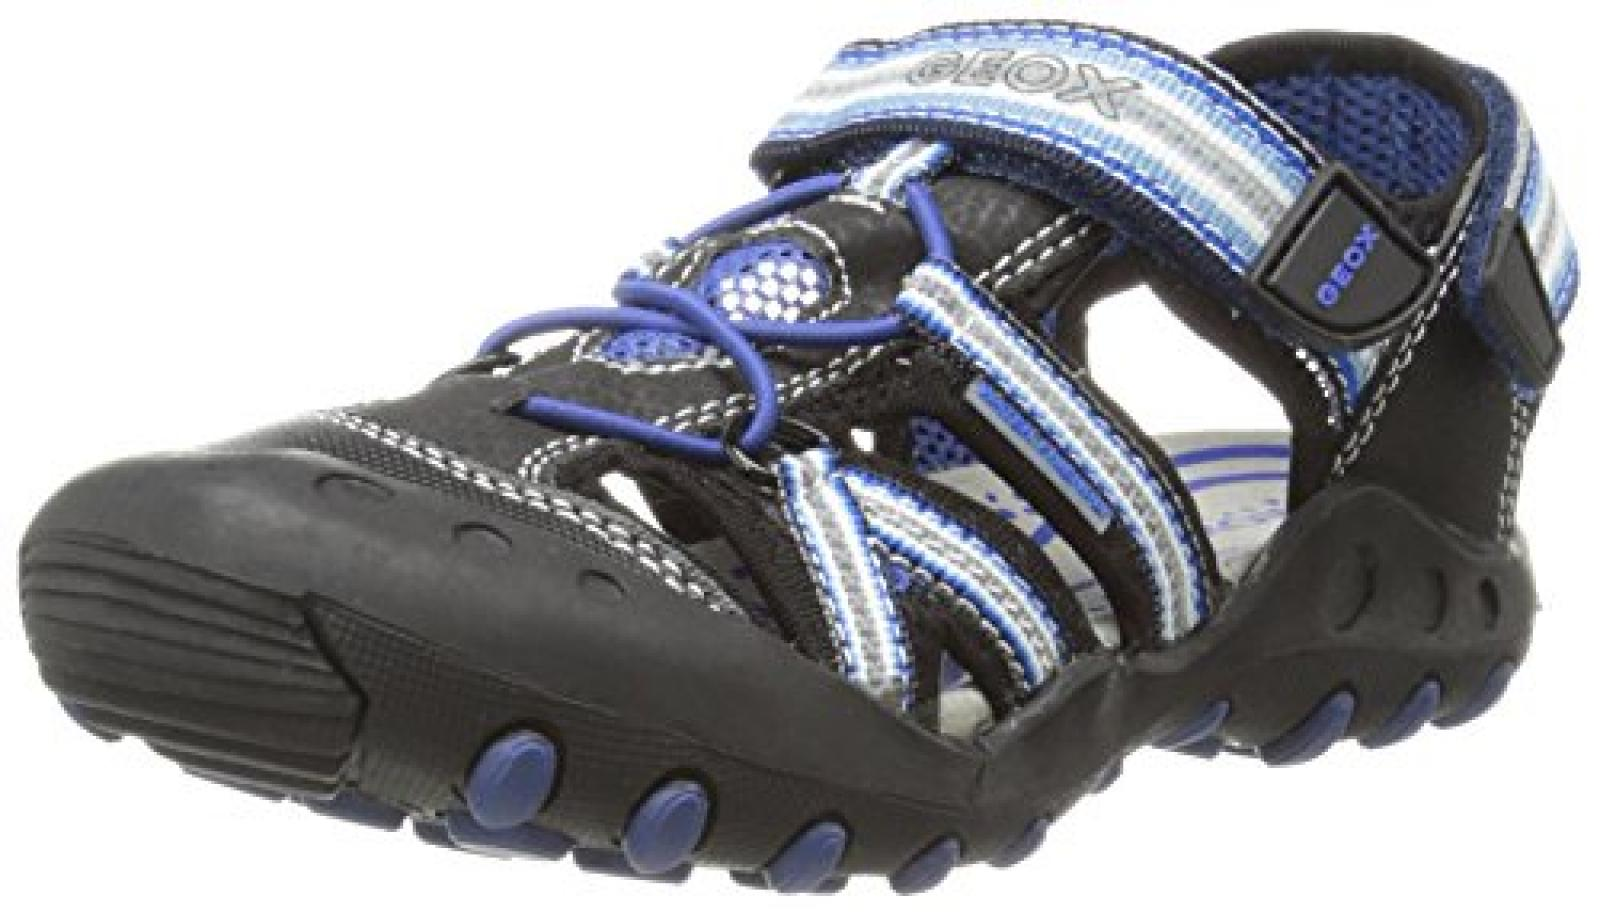 Geox JR KYLE C Jungen Geschlossene Sandalen